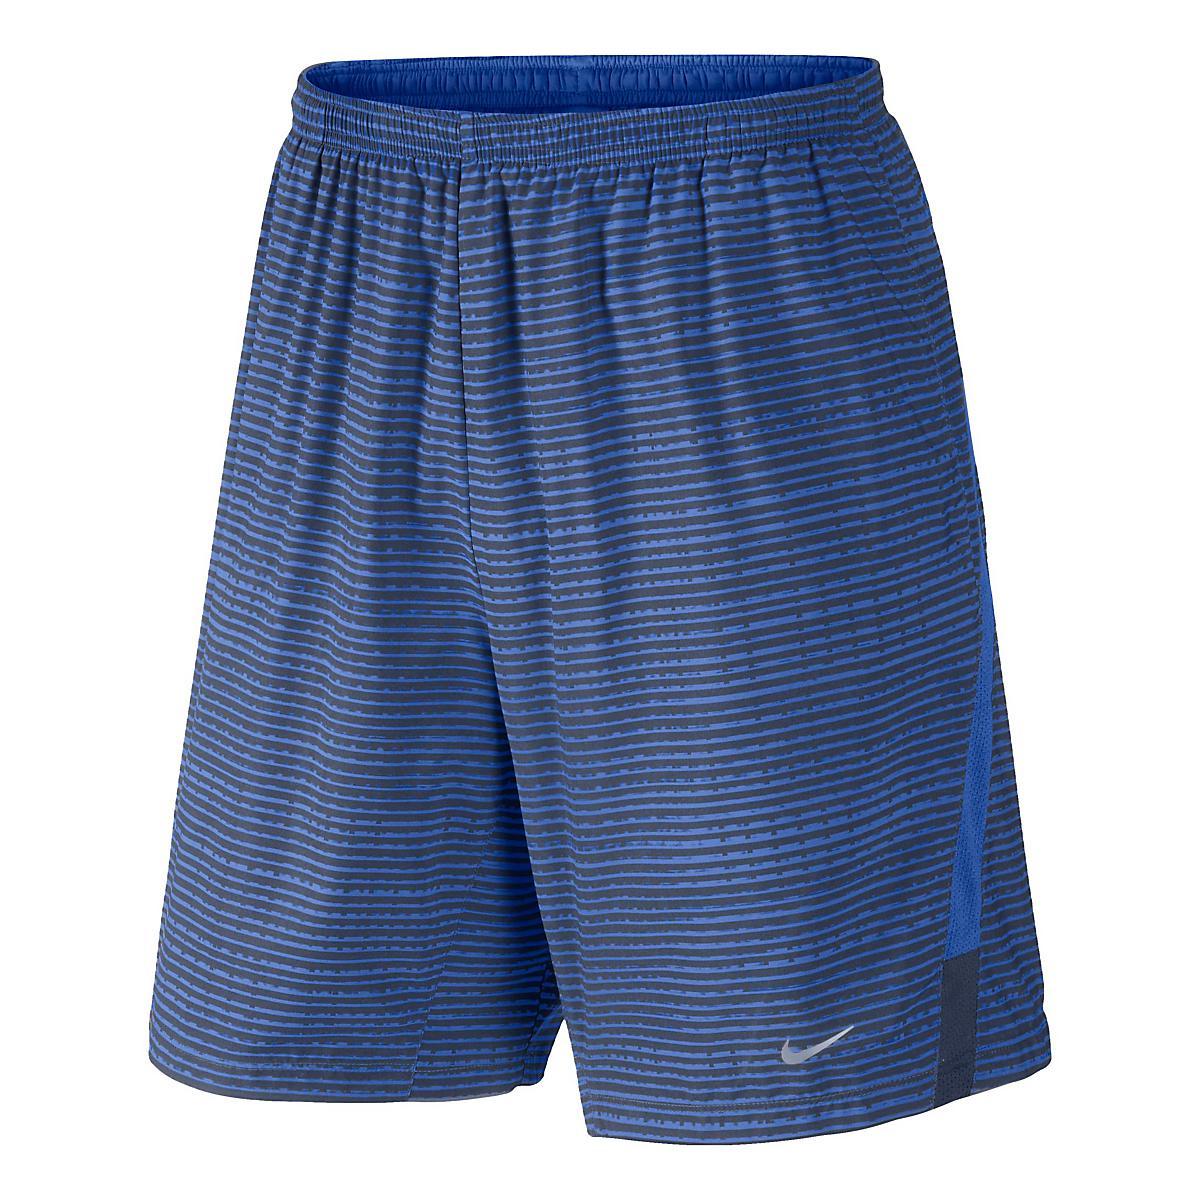 Men's Nike�Printed 9